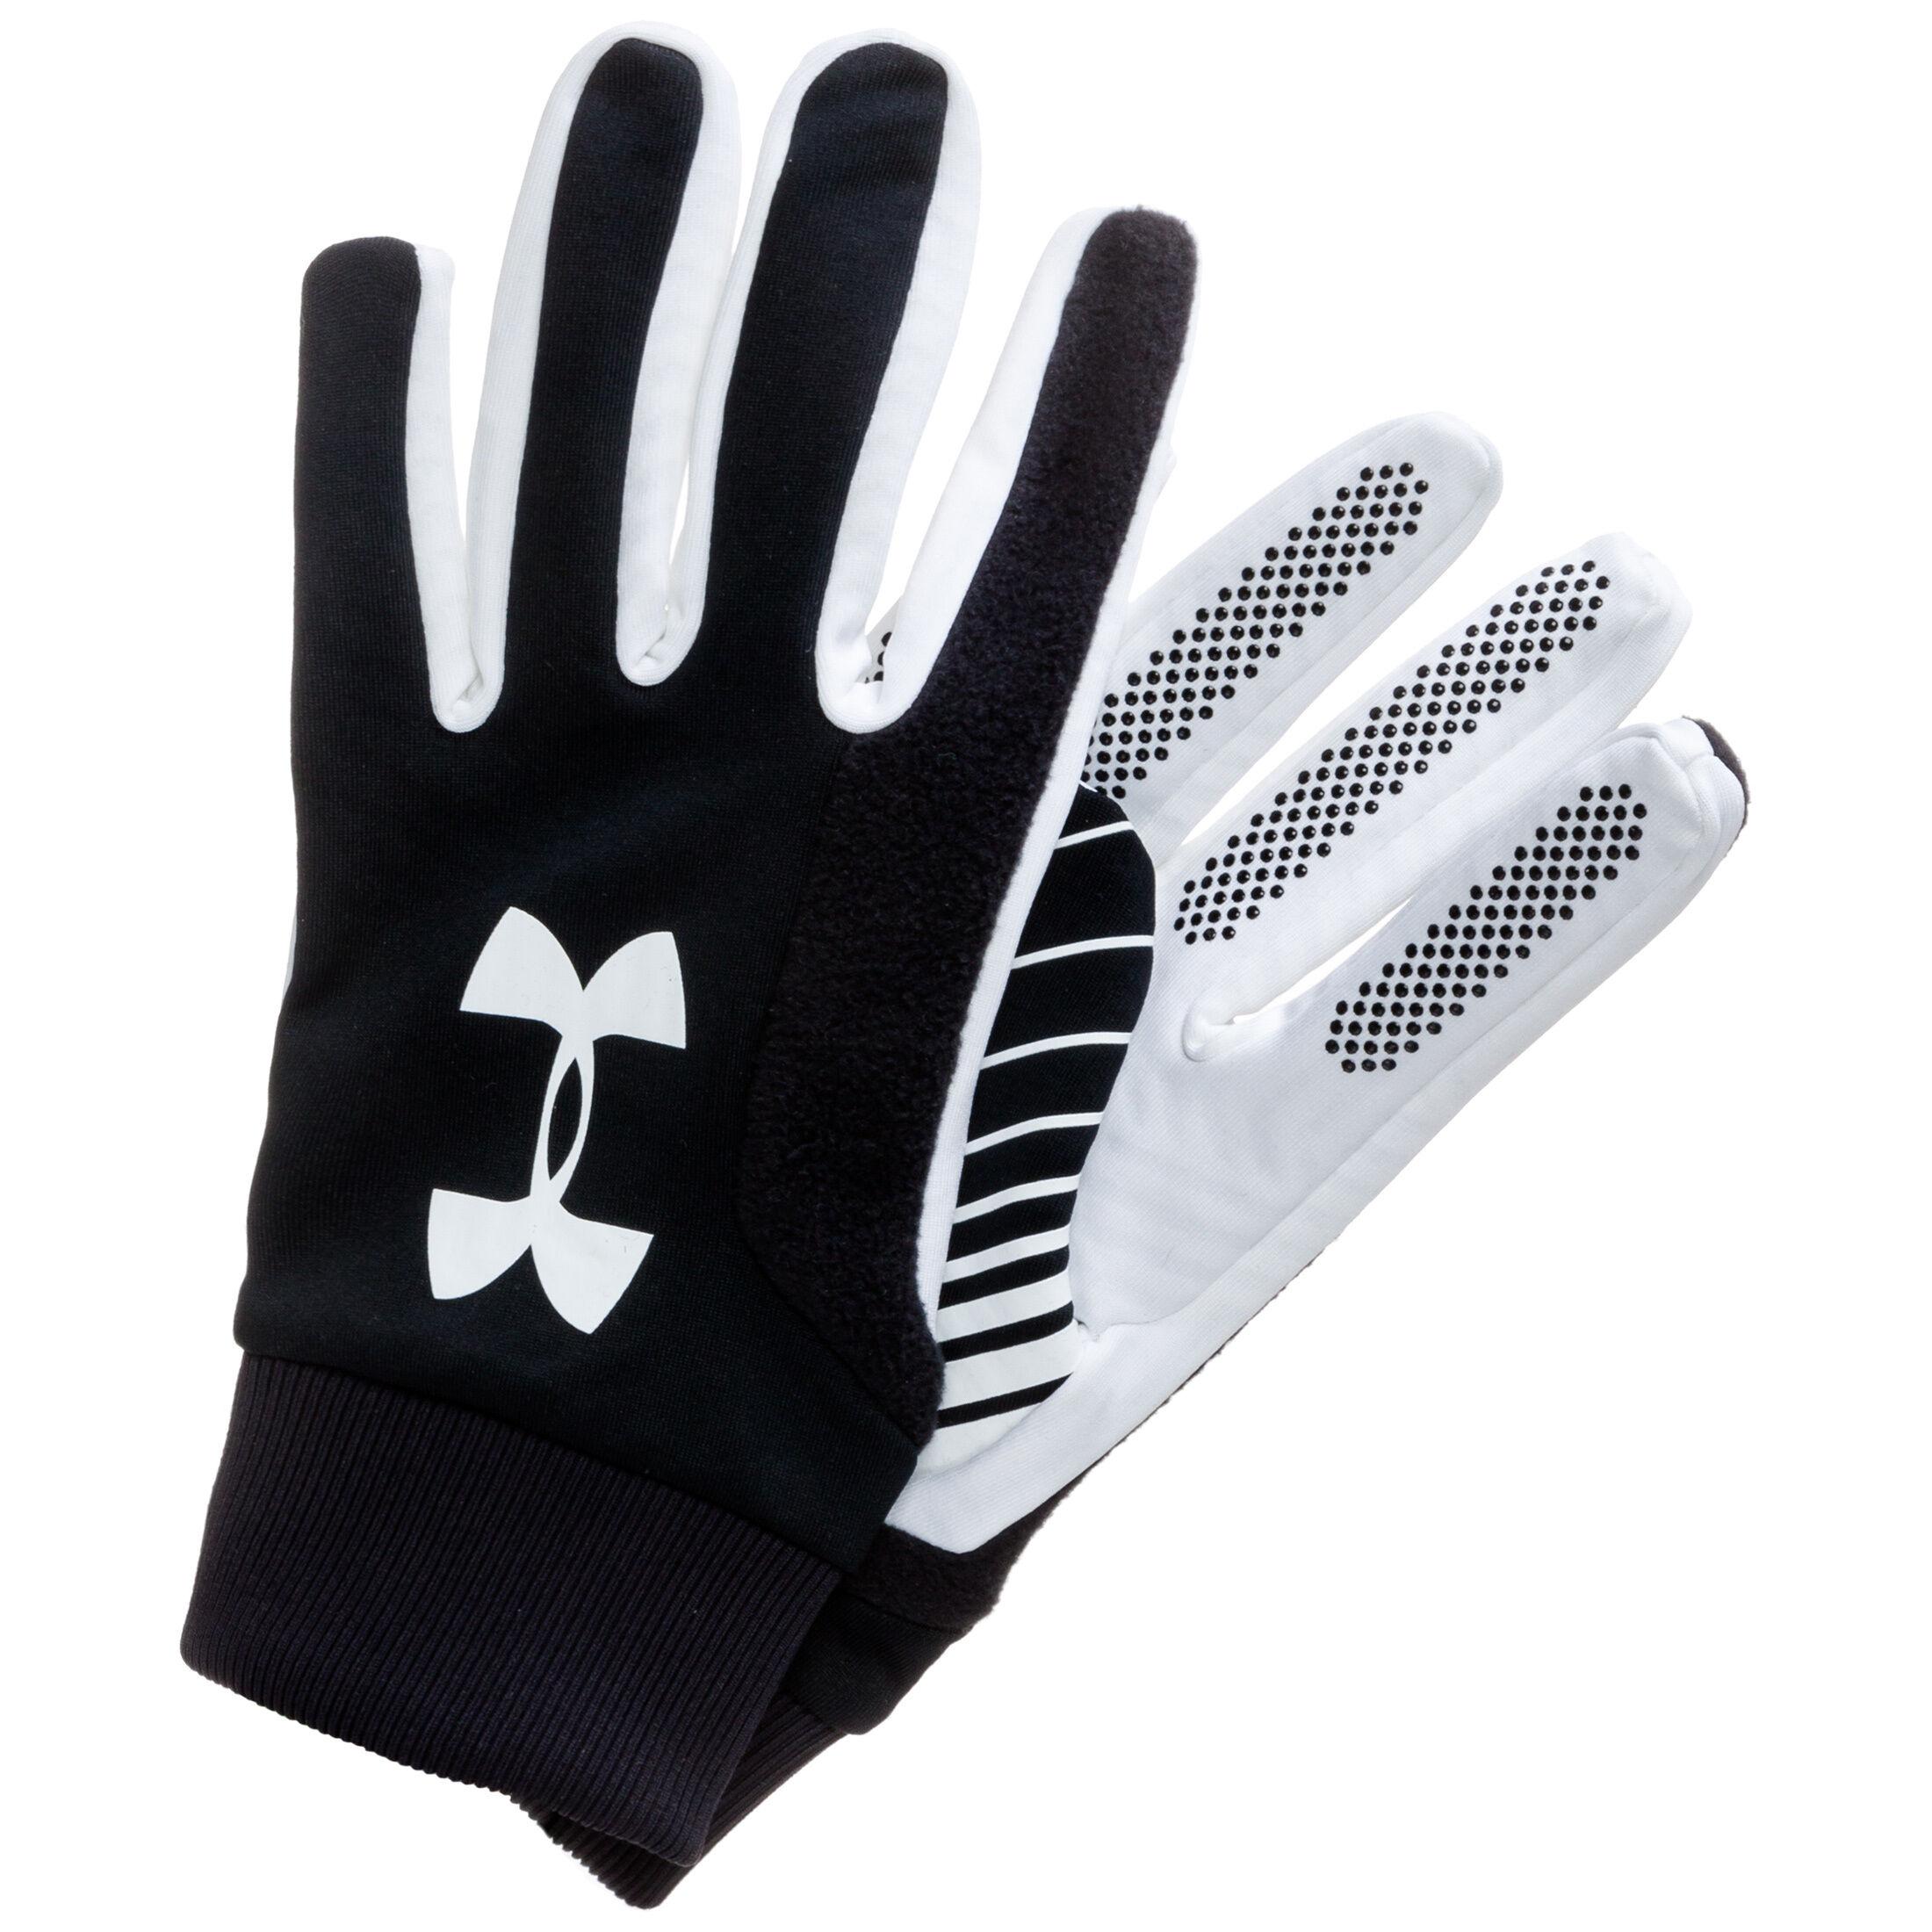 Handschuhe kaufen | Fußballbekleidung bei OUTFITTER